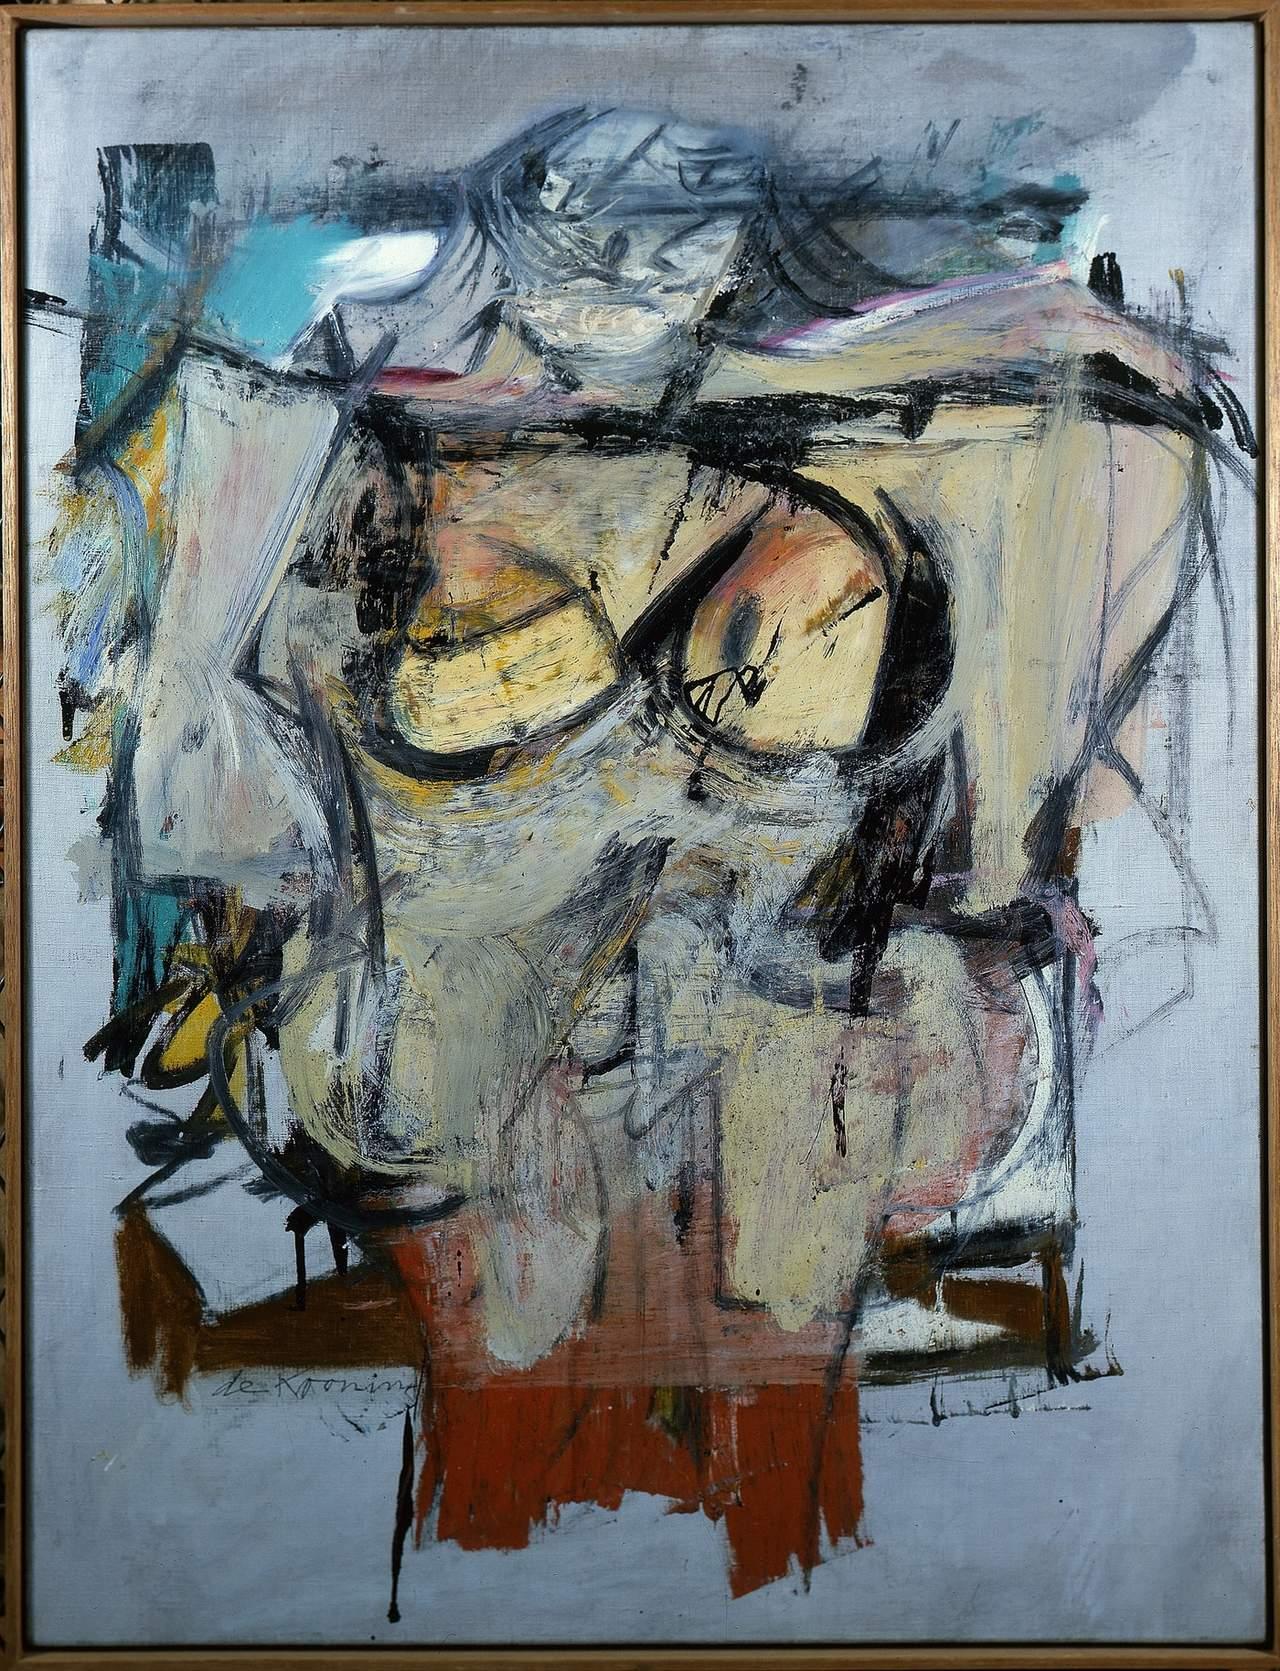 Woman-Ochre, de Willem de Kooning